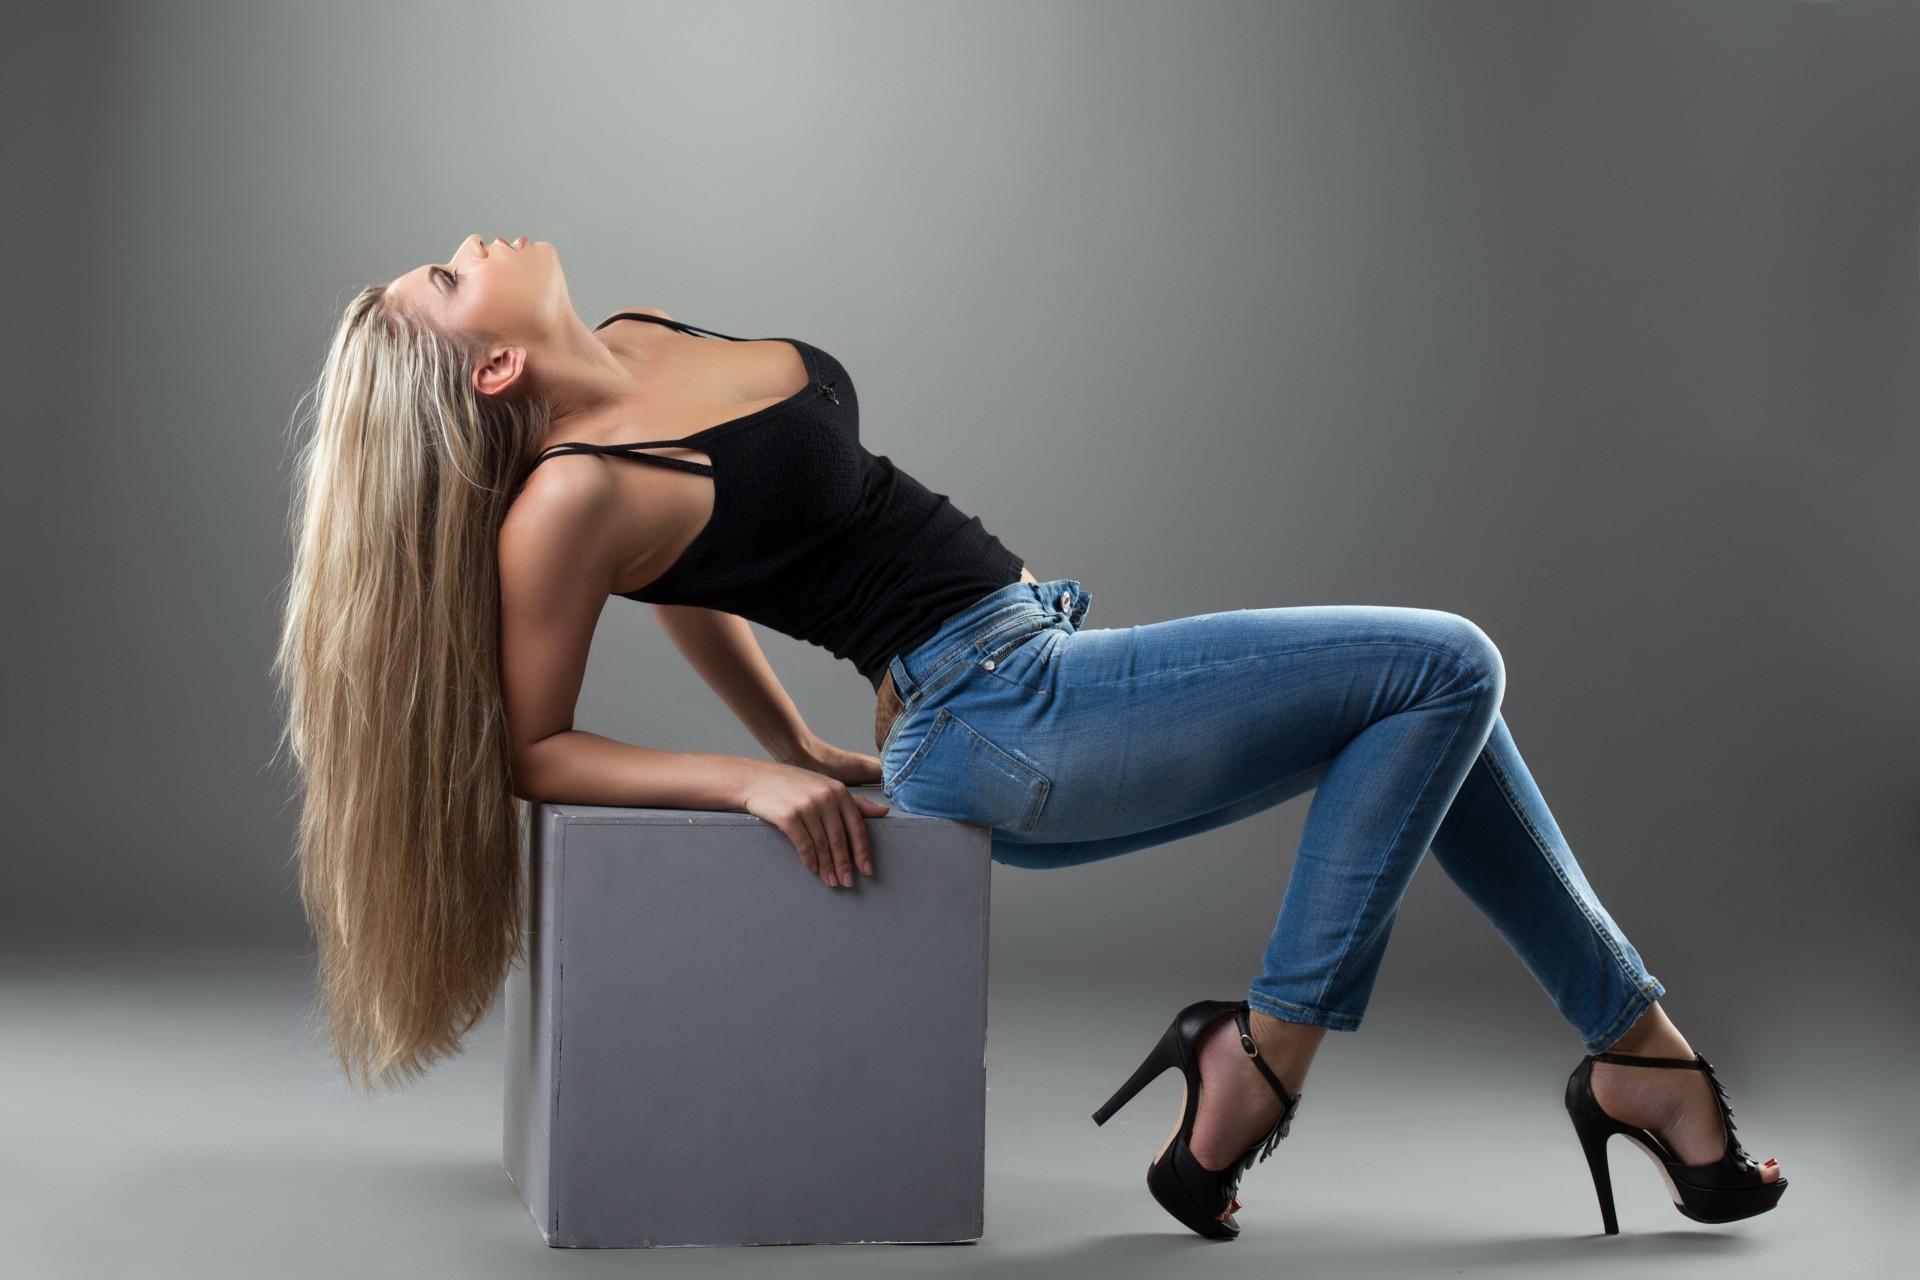 seksualnie-dzhinsi-foto